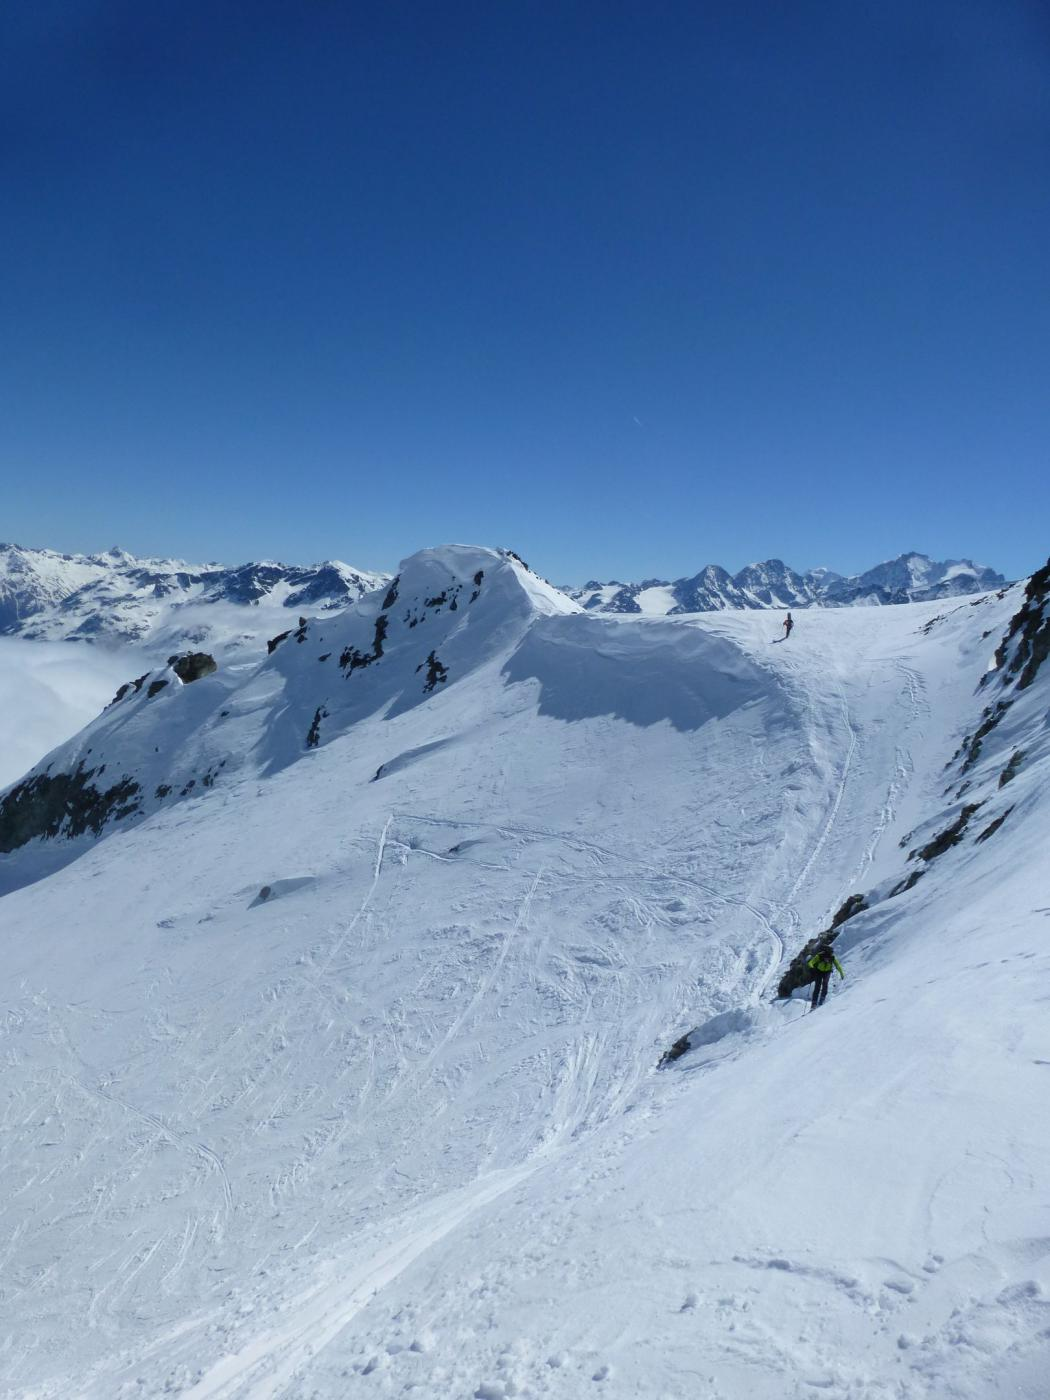 sopra al ripido traverso che porta in cresta - sullo sfondo il Bernina